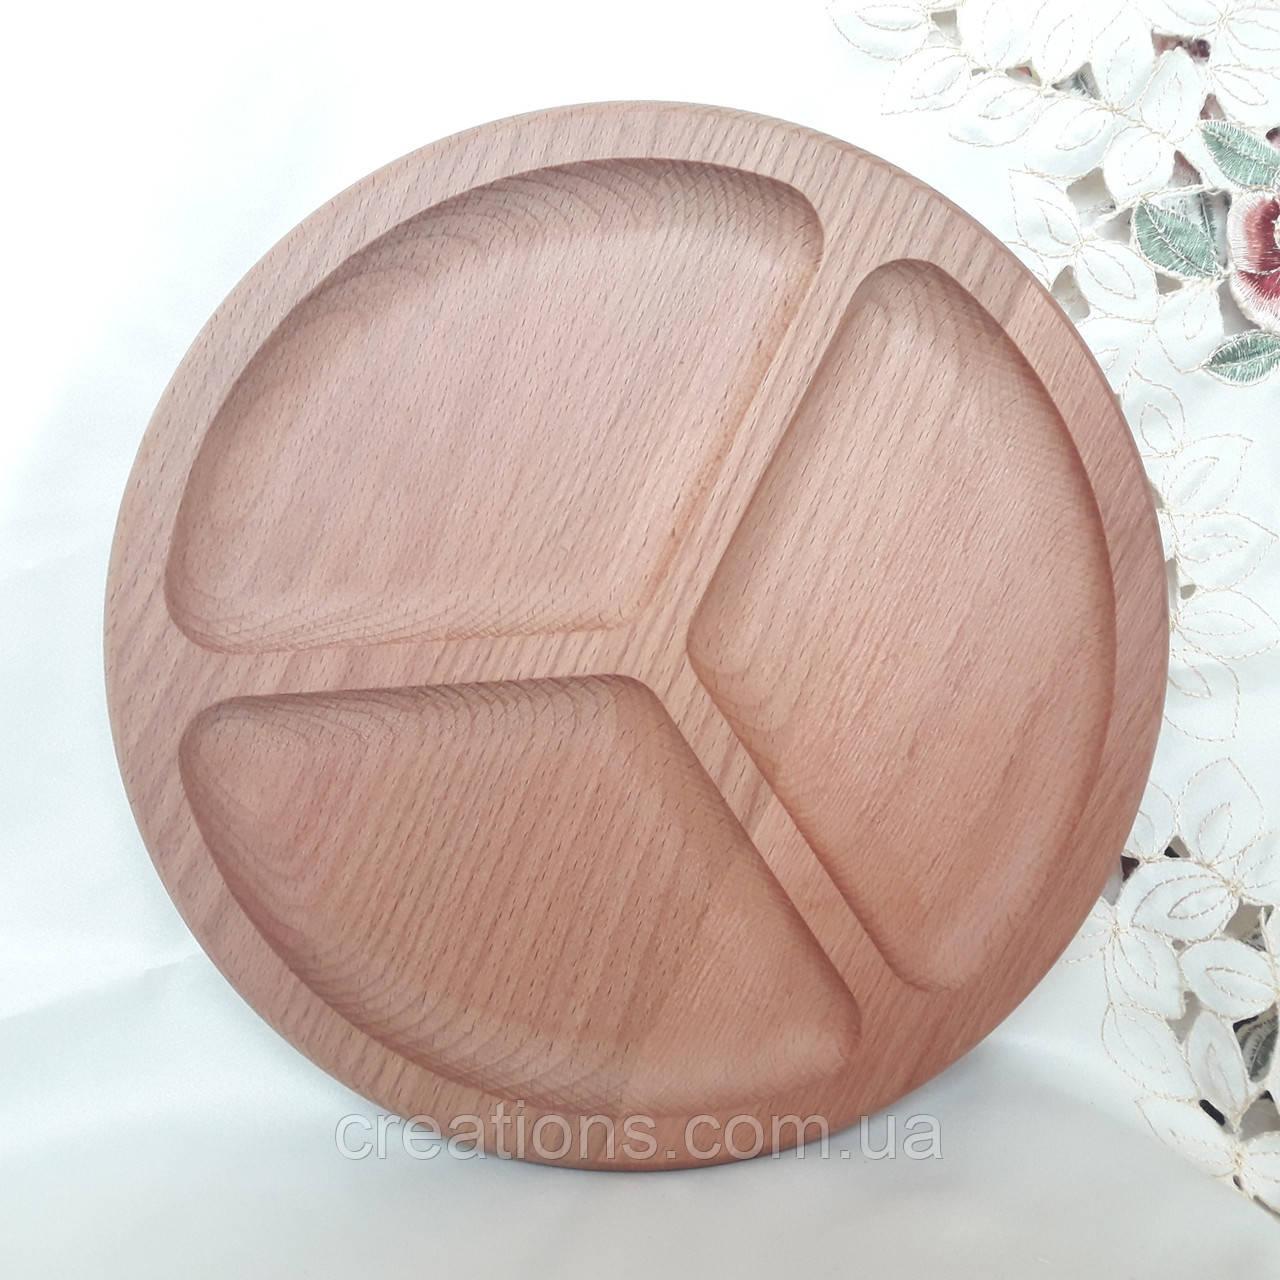 Менажница деревянная 34 см. круглая на 3 секции из бука БМ-48